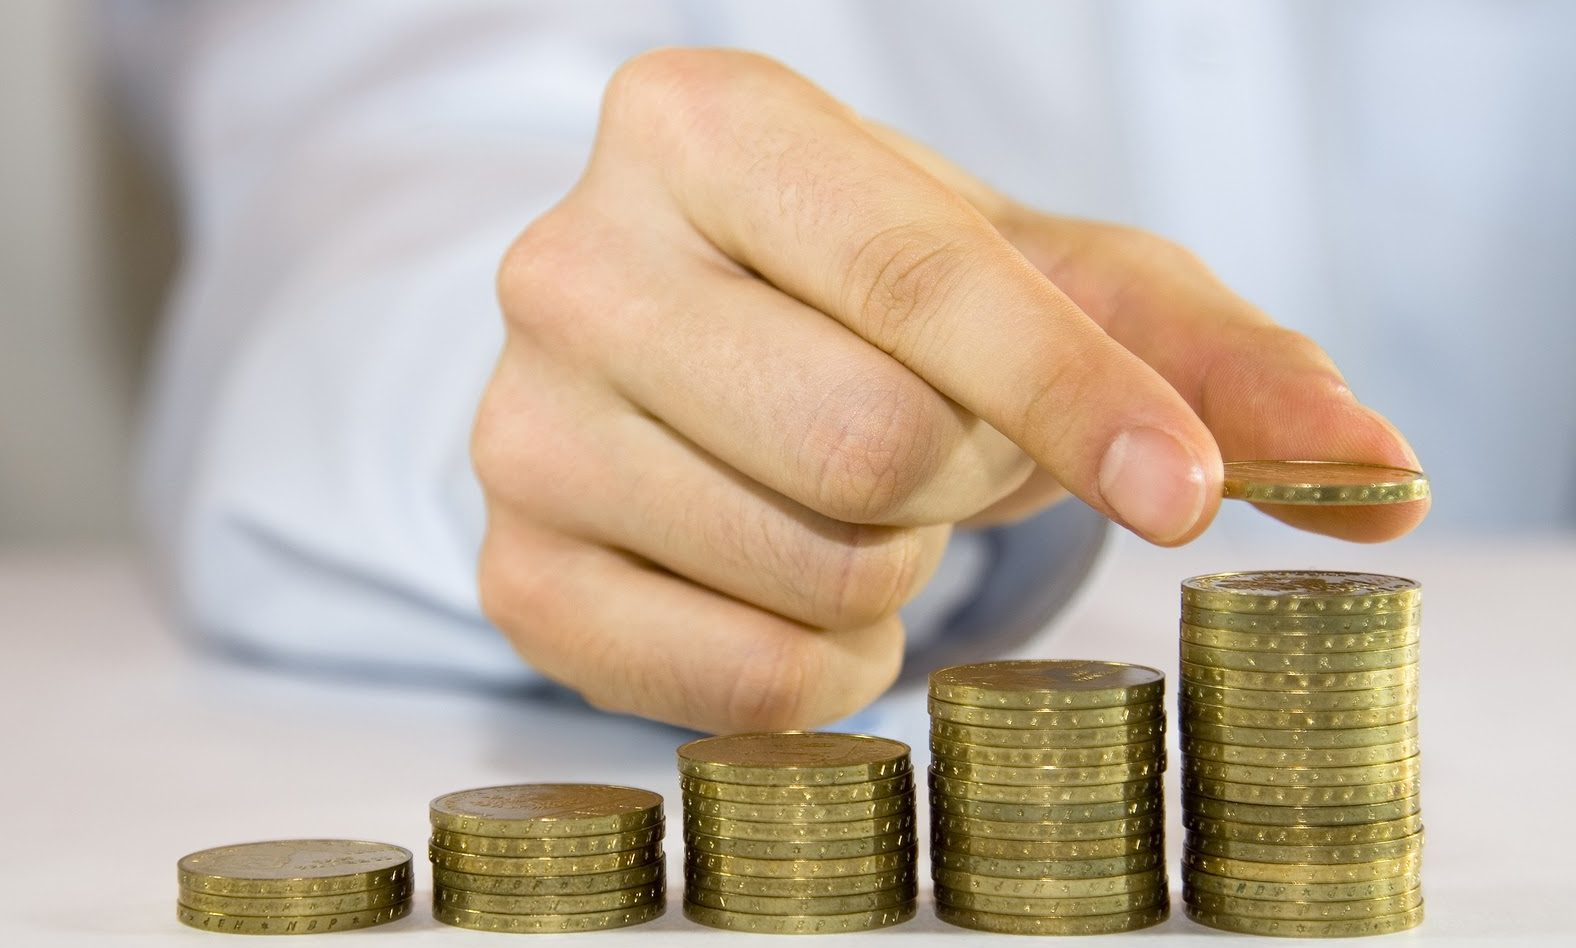 valós kereset az interneten befektetési link nélkül